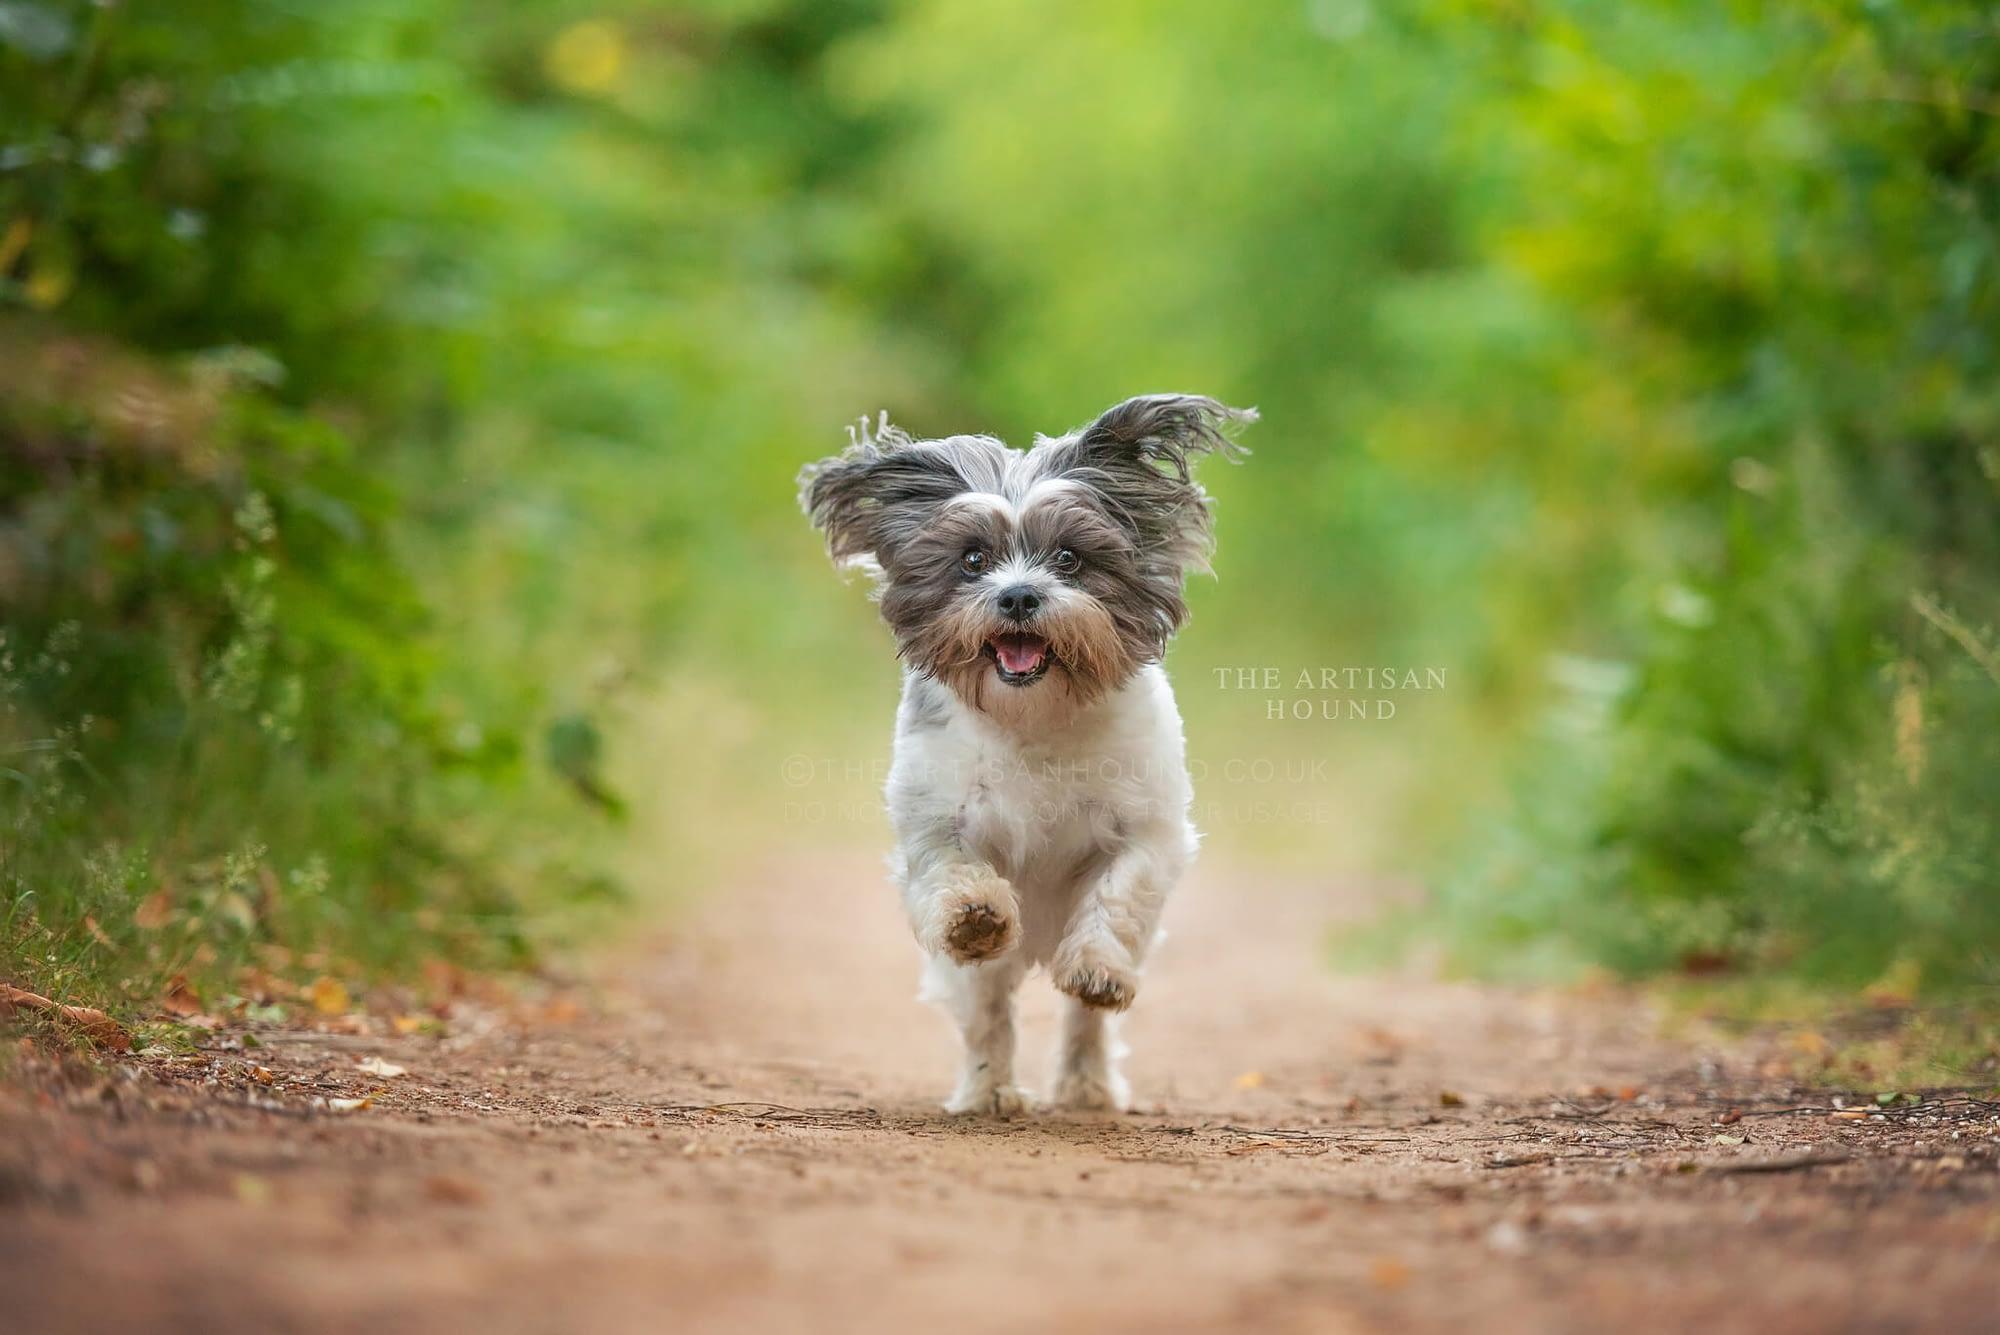 LIttle dog running towards camera